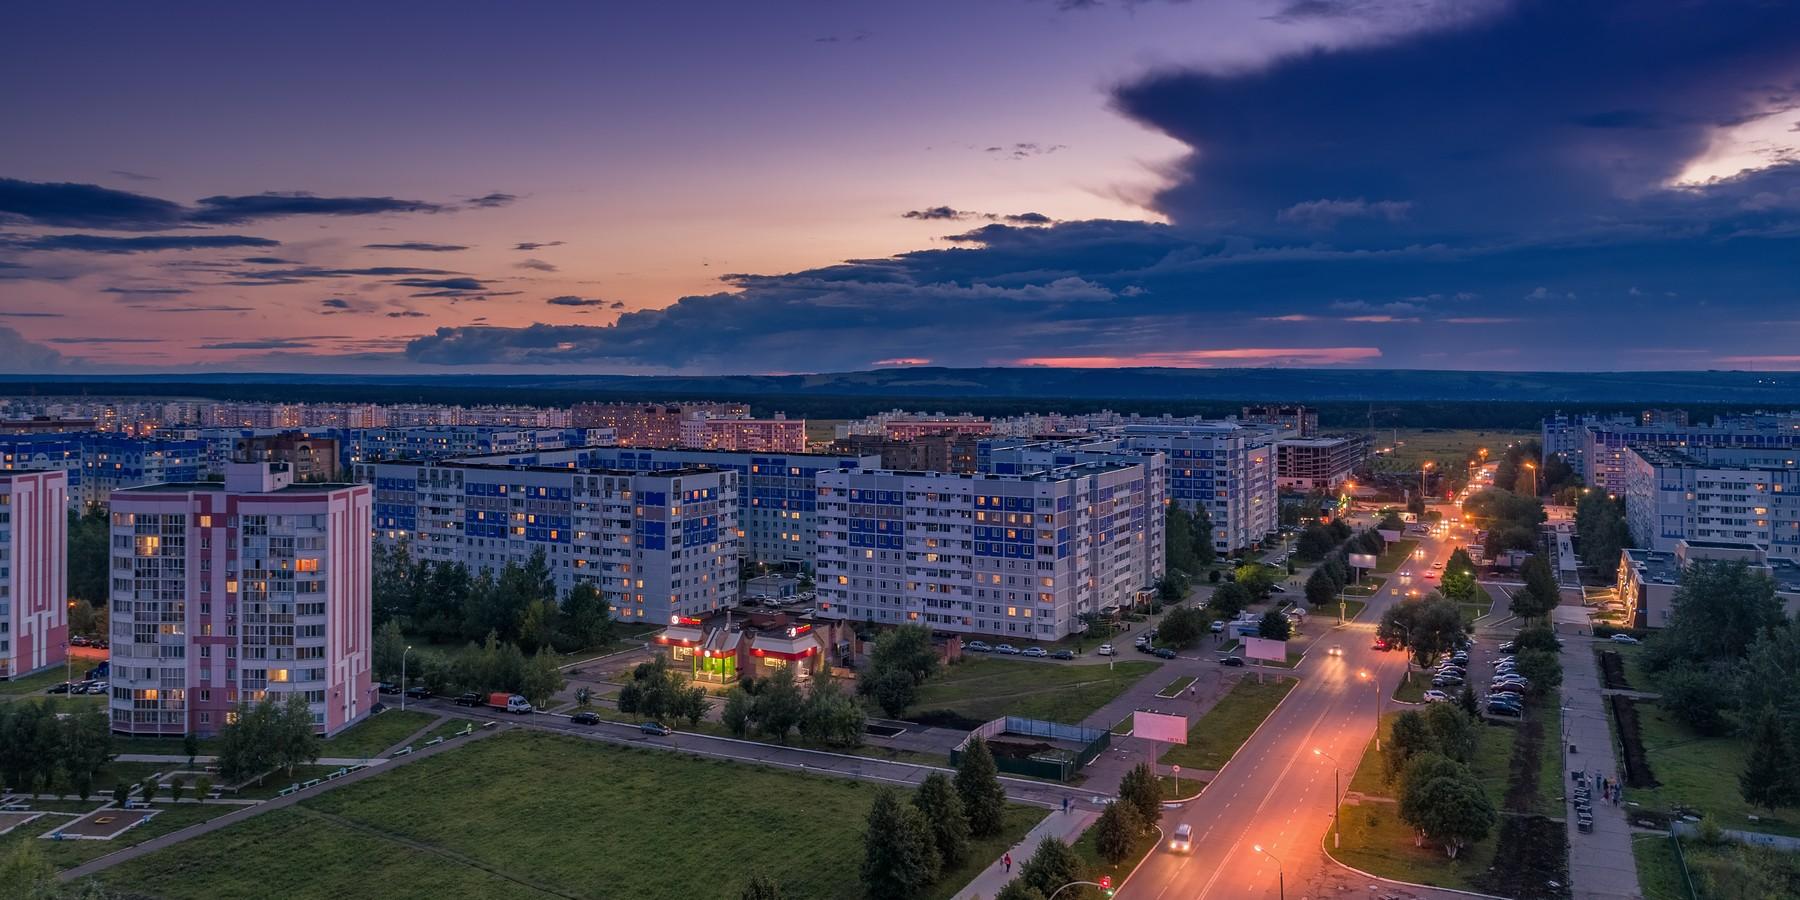 Нижнекамск с высоты. Июль 2019. город как на ладони,фото,аэрофото,аэрофотосъемка,захватывающие картинки города,квадрокоптер,красивые фотографии с высоты,все о городе,dji,Нижнекамск,Татарстан